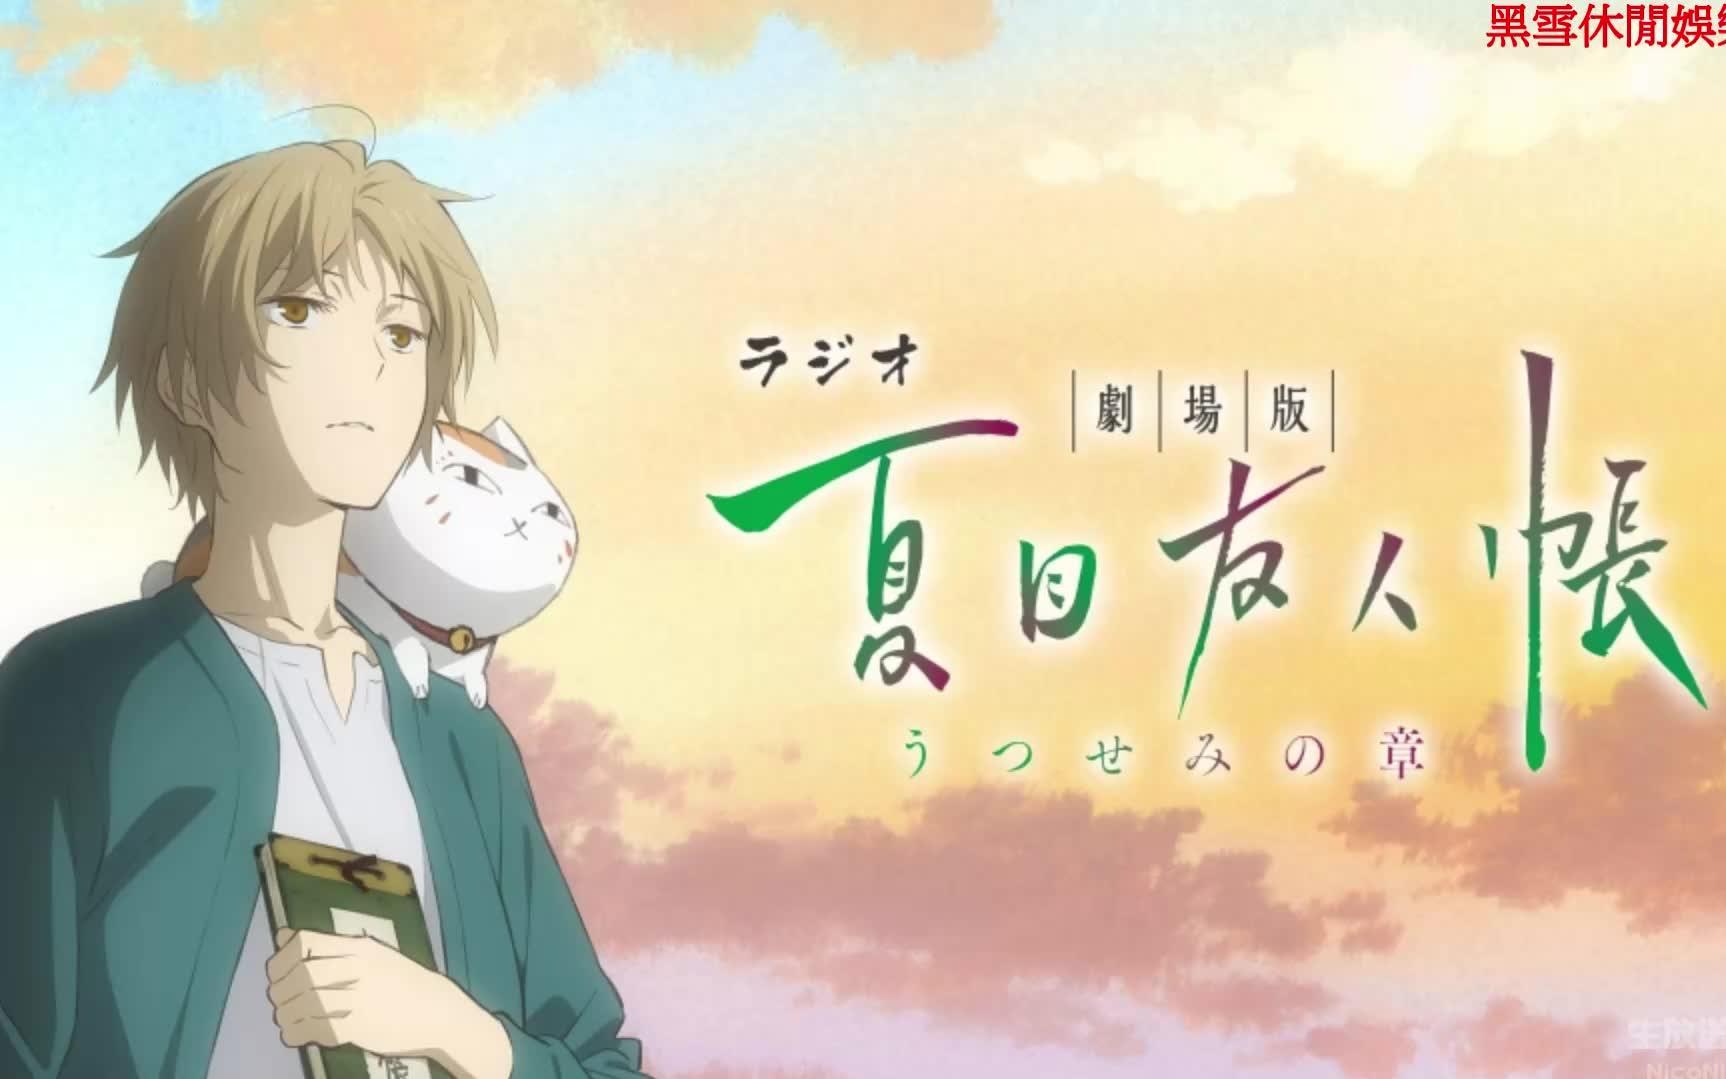 8.24生肉 ラジオ「剧场版 夏目友人帐 ~うつせみの章~」 第02回